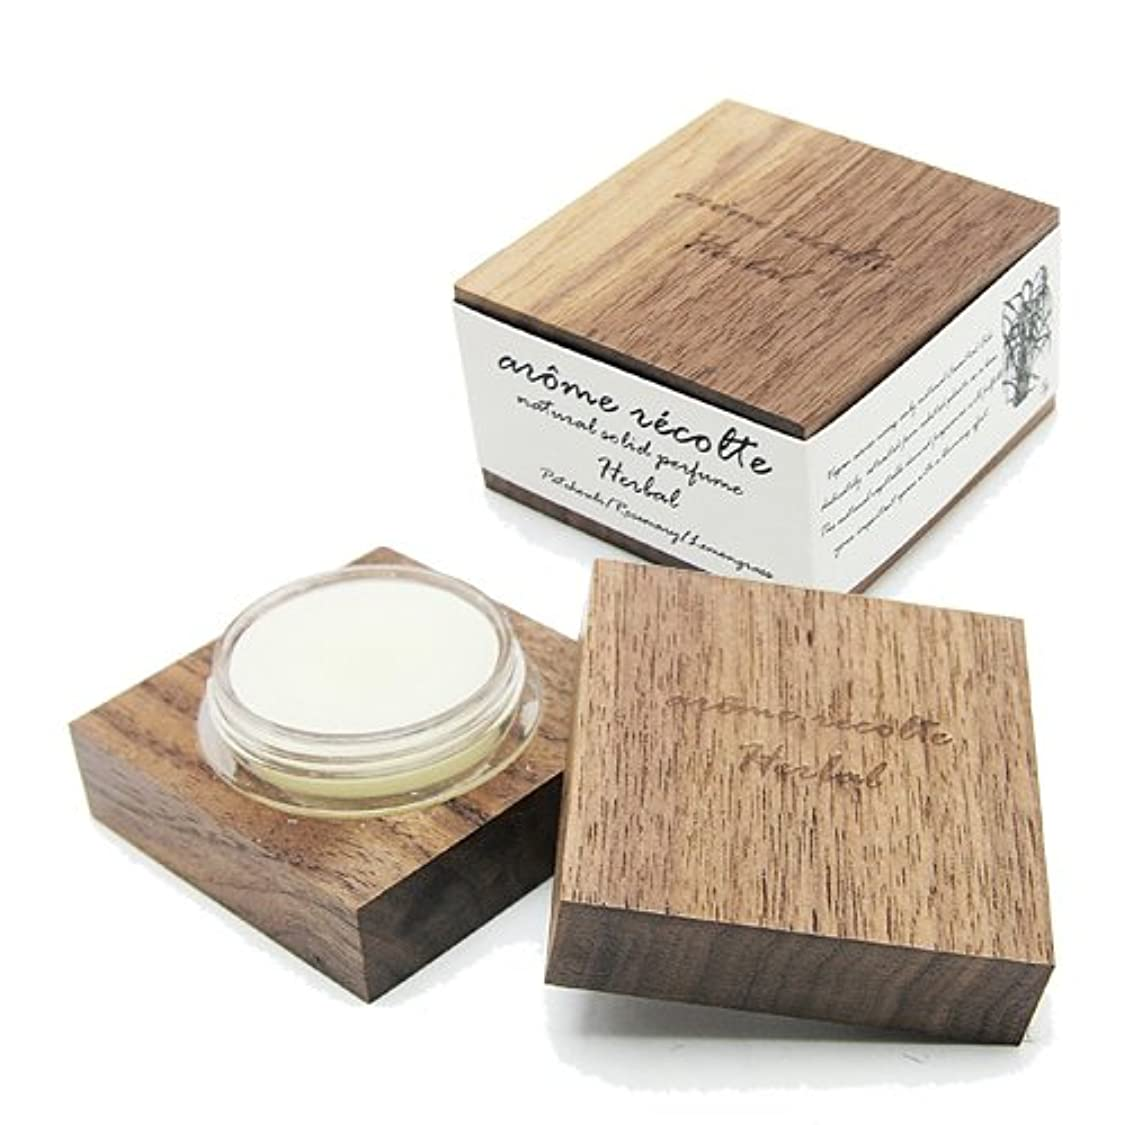 メイドラオス人意志アロマレコルト ナチュラル ソリッドパフューム ハーバル Herbal arome recolte 練り香水